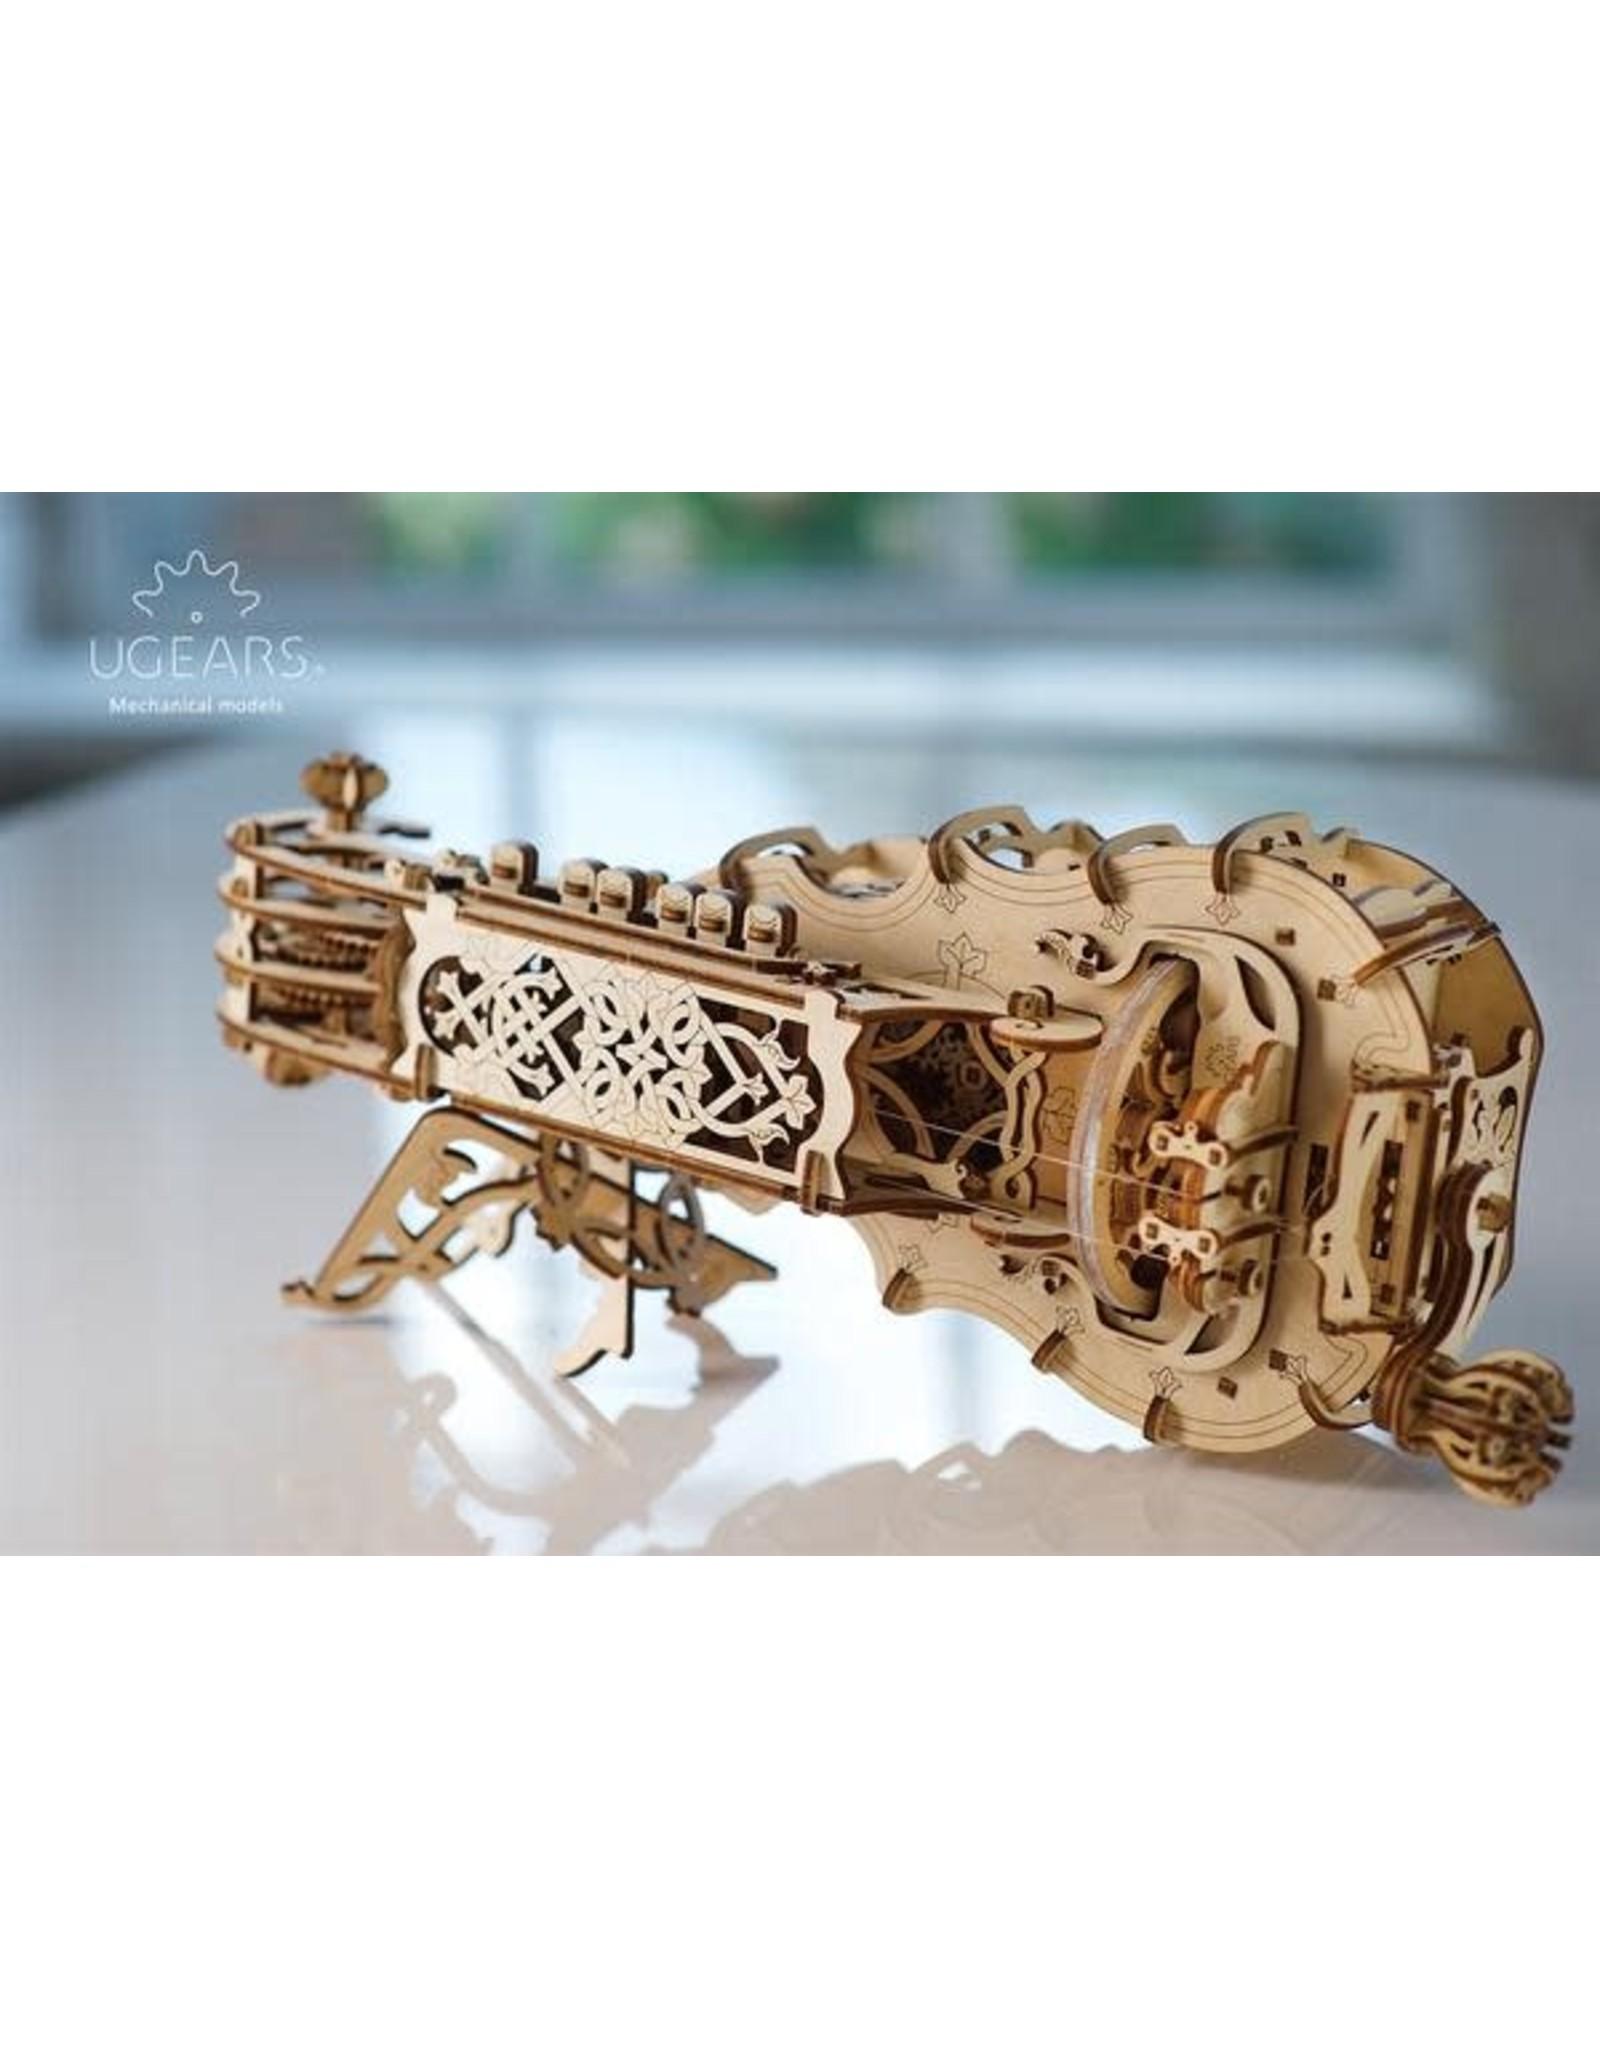 UGears Hurdy-Gurdy Wood Model